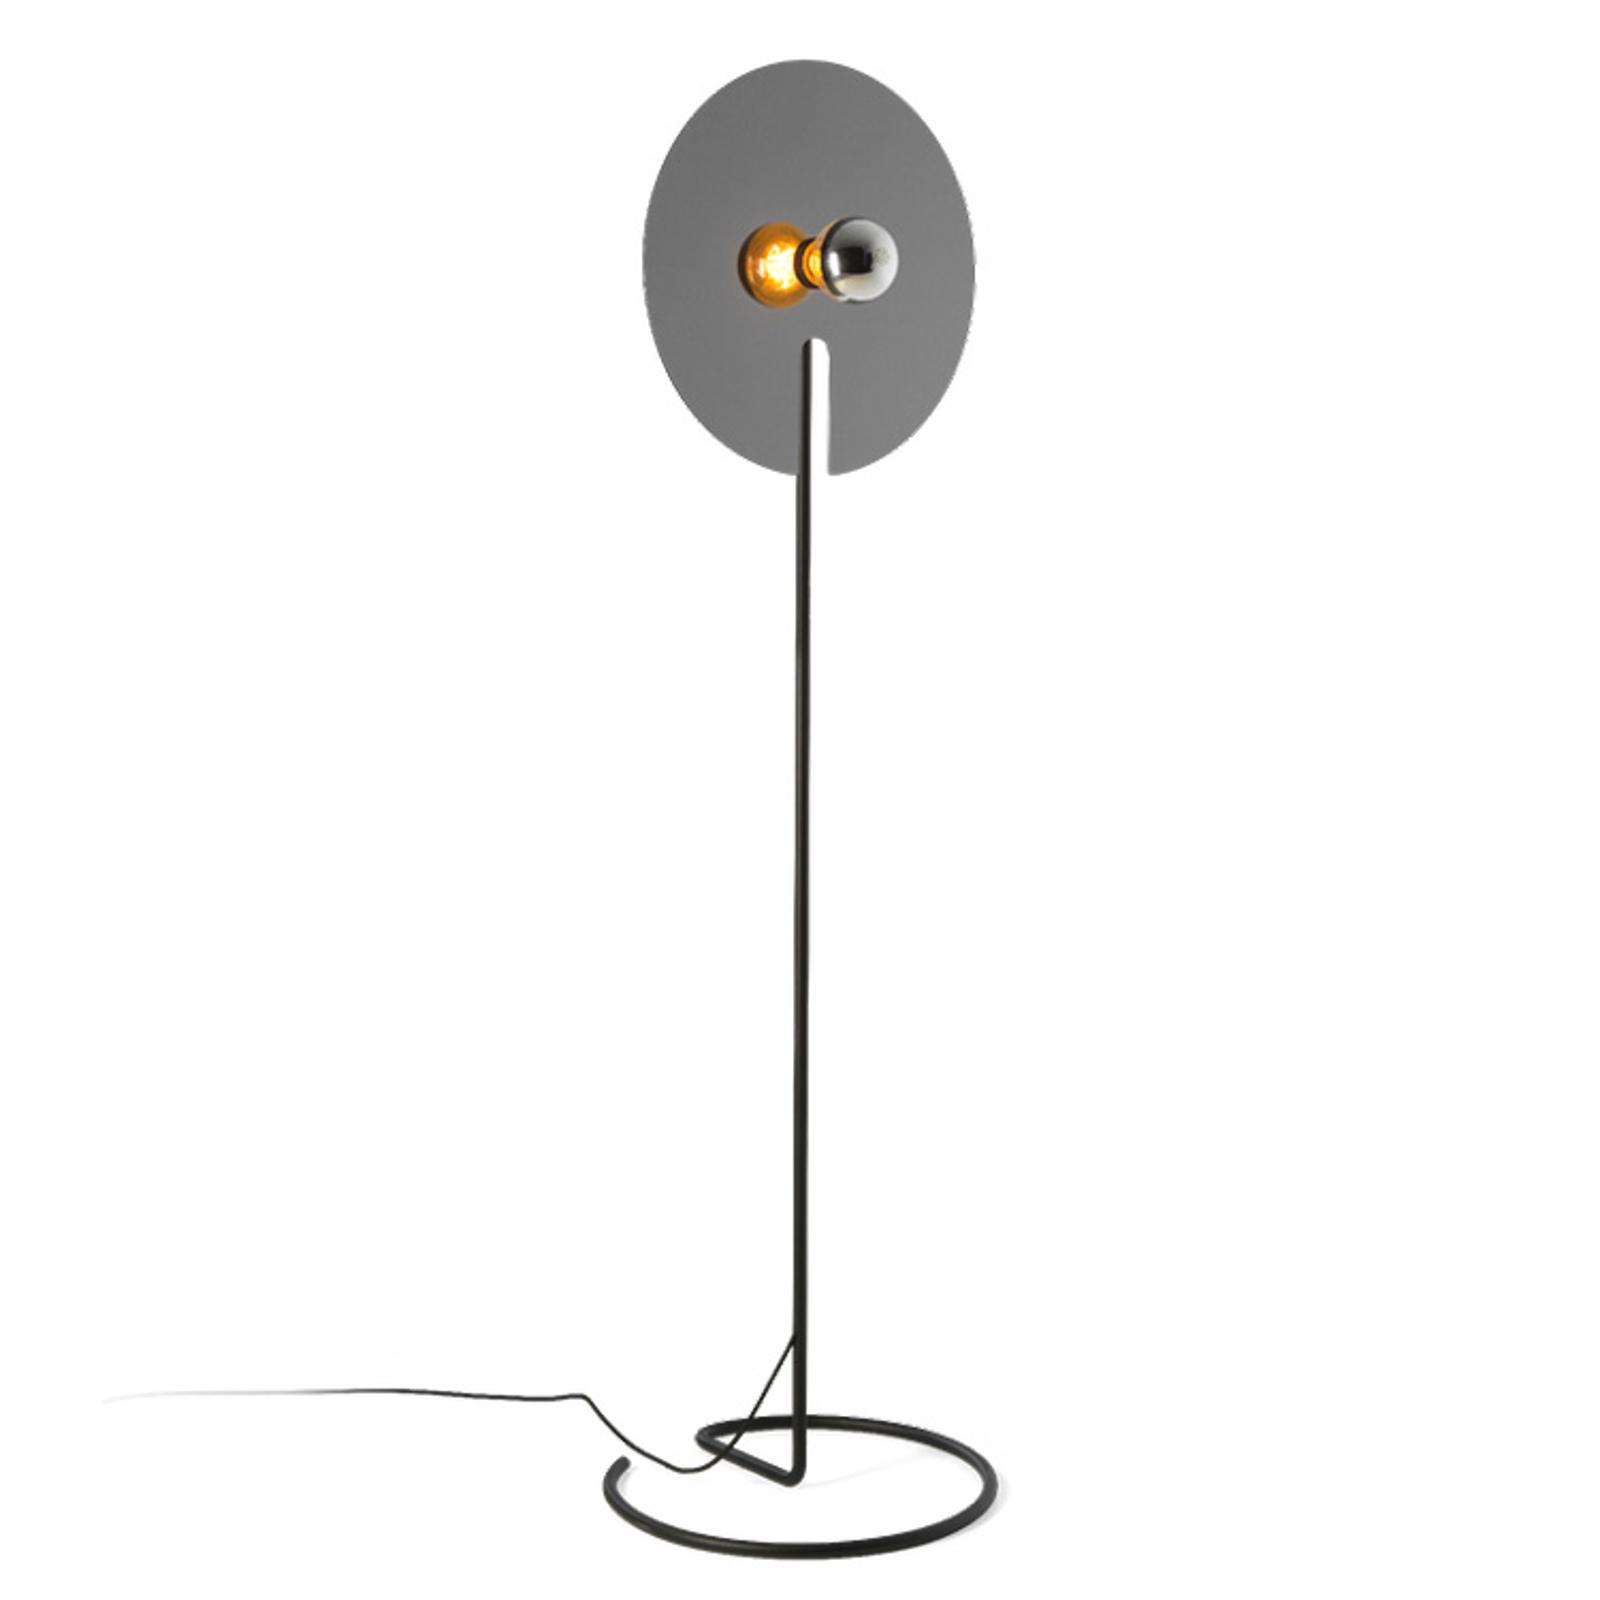 WEVER & DUCRÉ Mirro vloerlamp 2.0 zwart/chroom